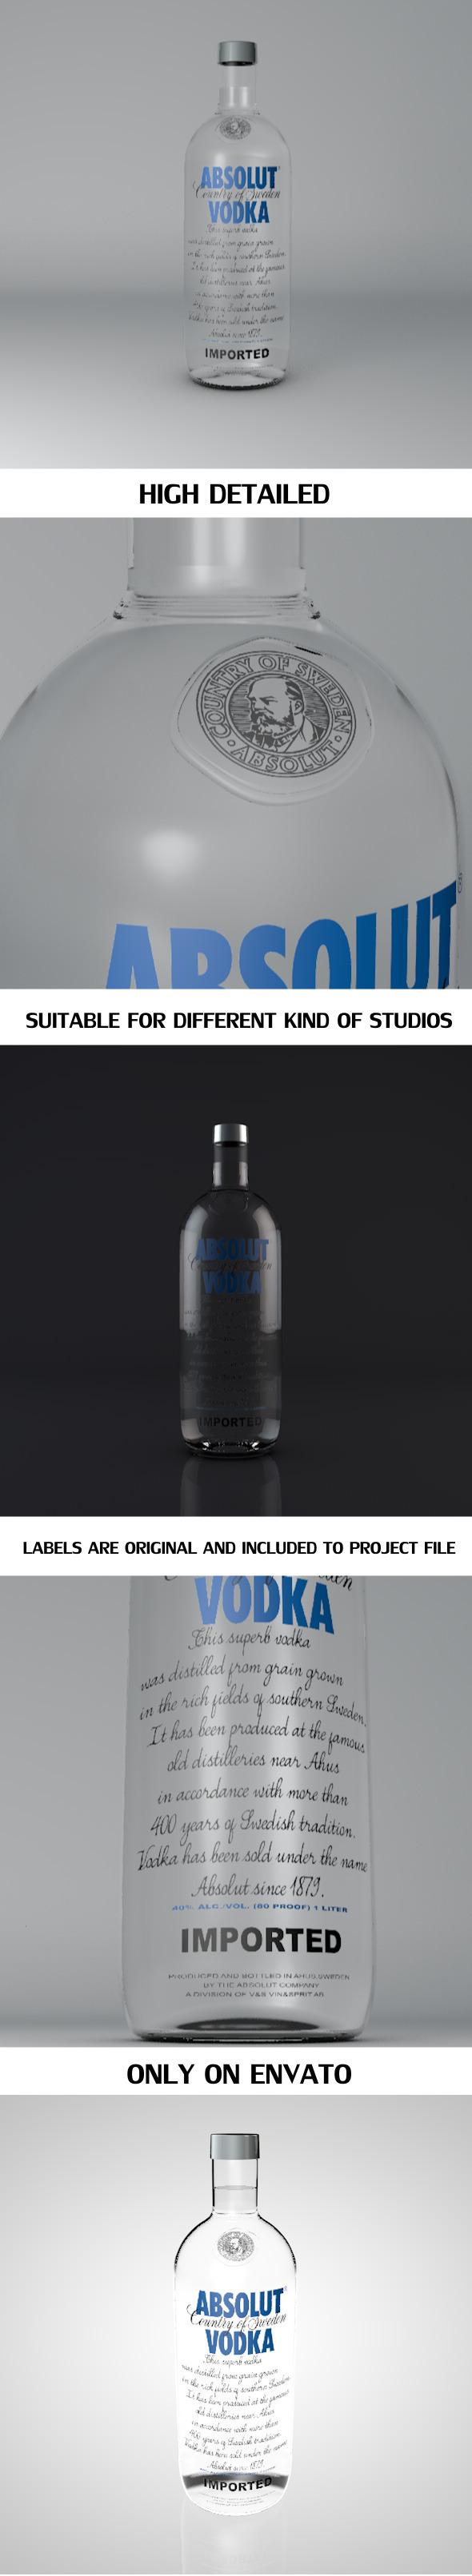 Absolut Vodka Bottle - 3DOcean Item for Sale